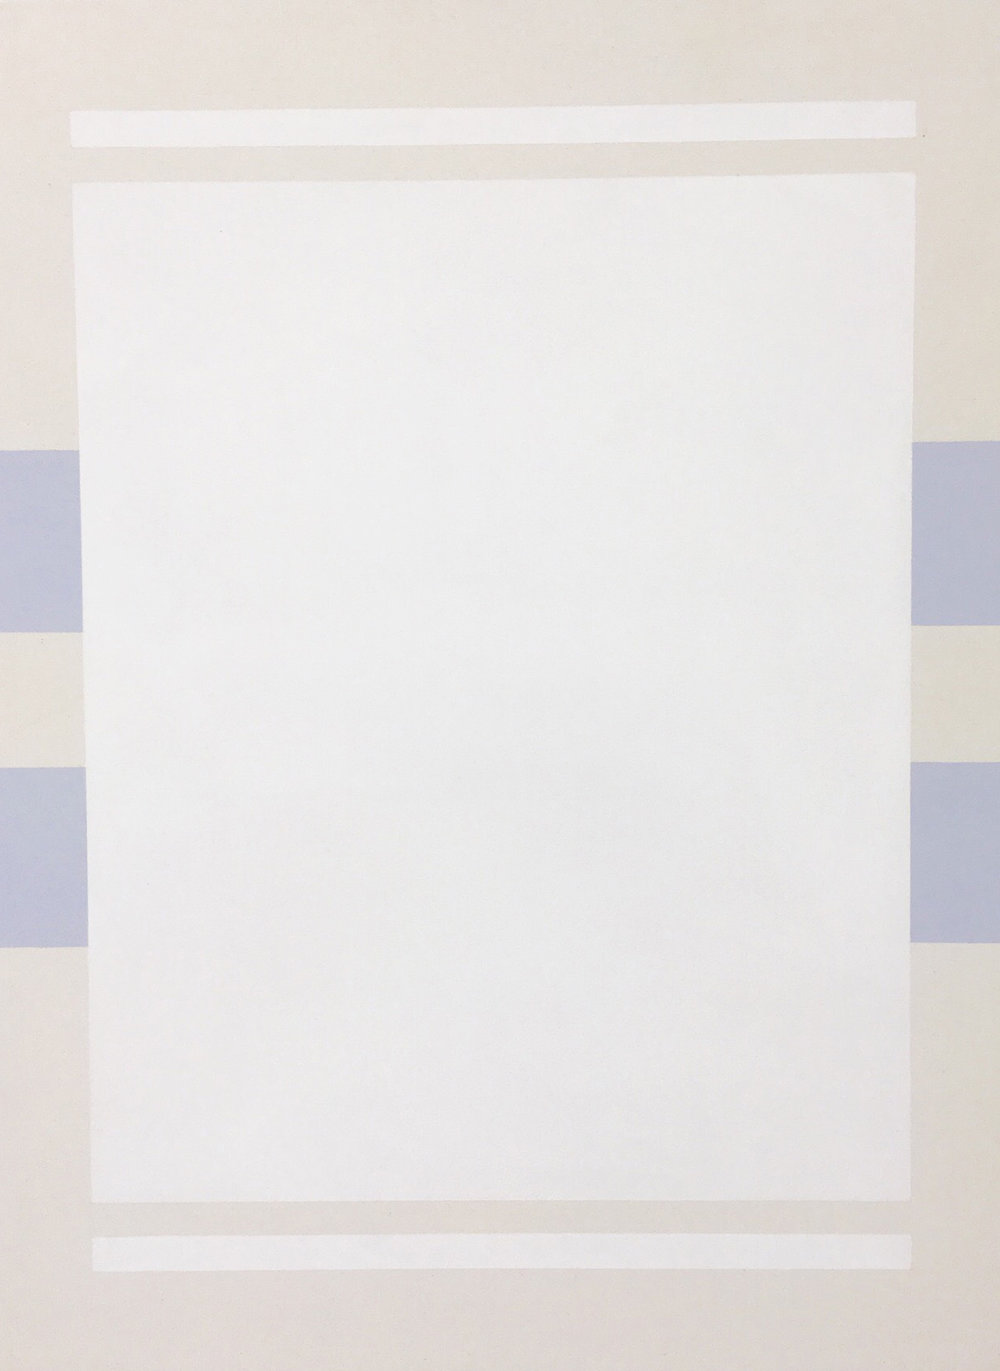 Fahd Burki  Untitled 4 2018 Acrylic gesso on canvas 100 x 76 cm